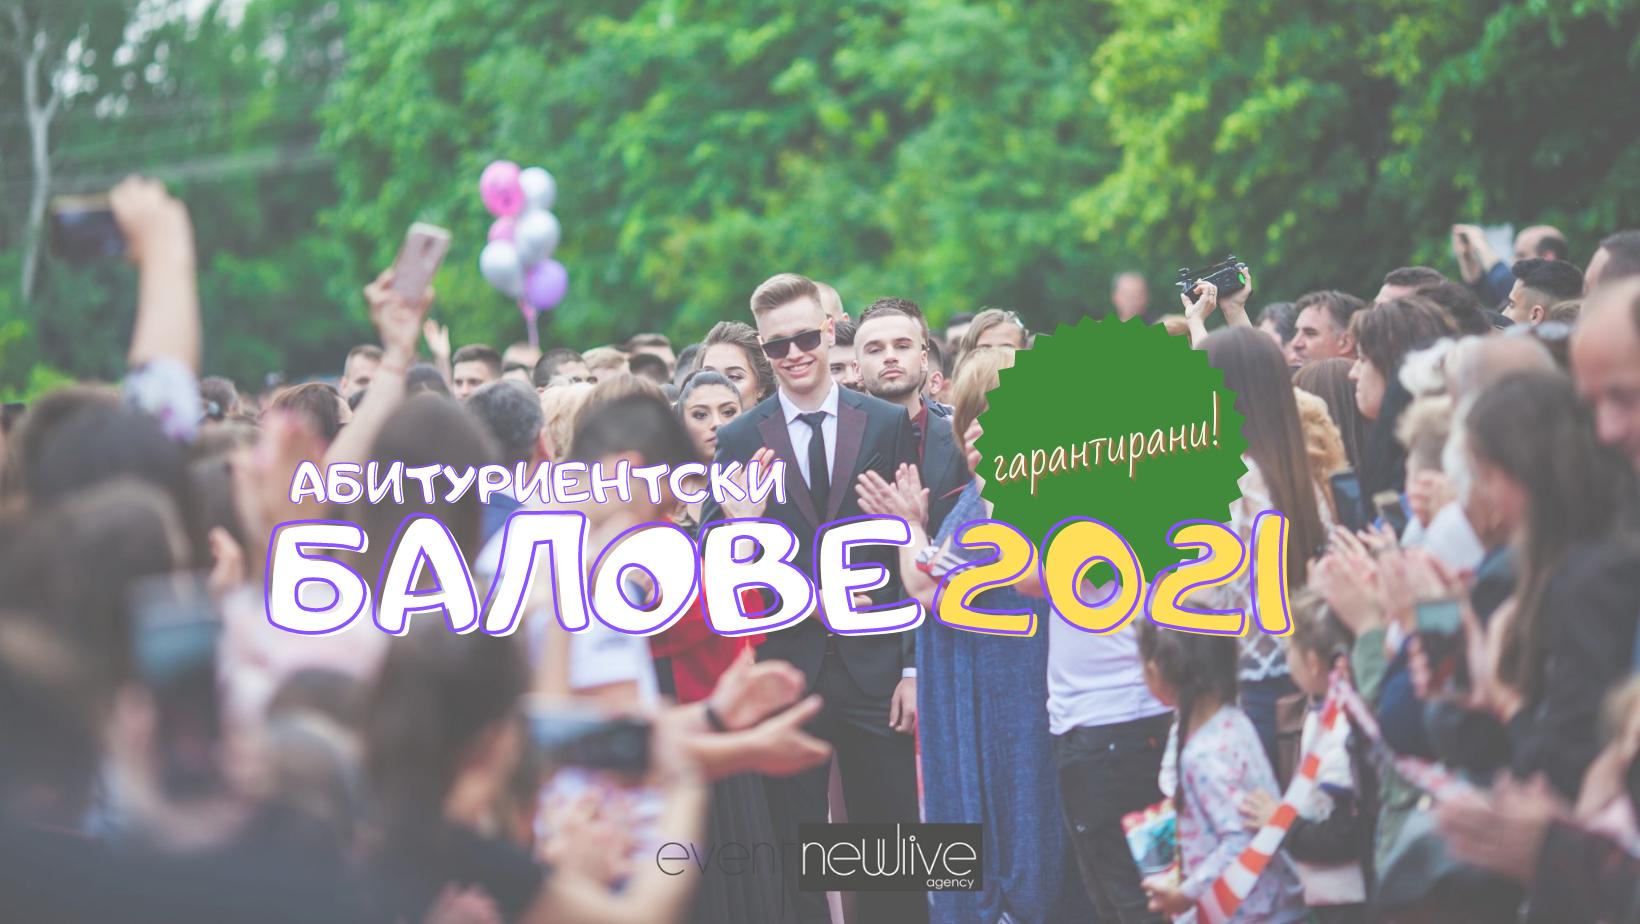 Балове 2021 – гарантирани! – Event NewLive Agency – www.eventnewlive.eu